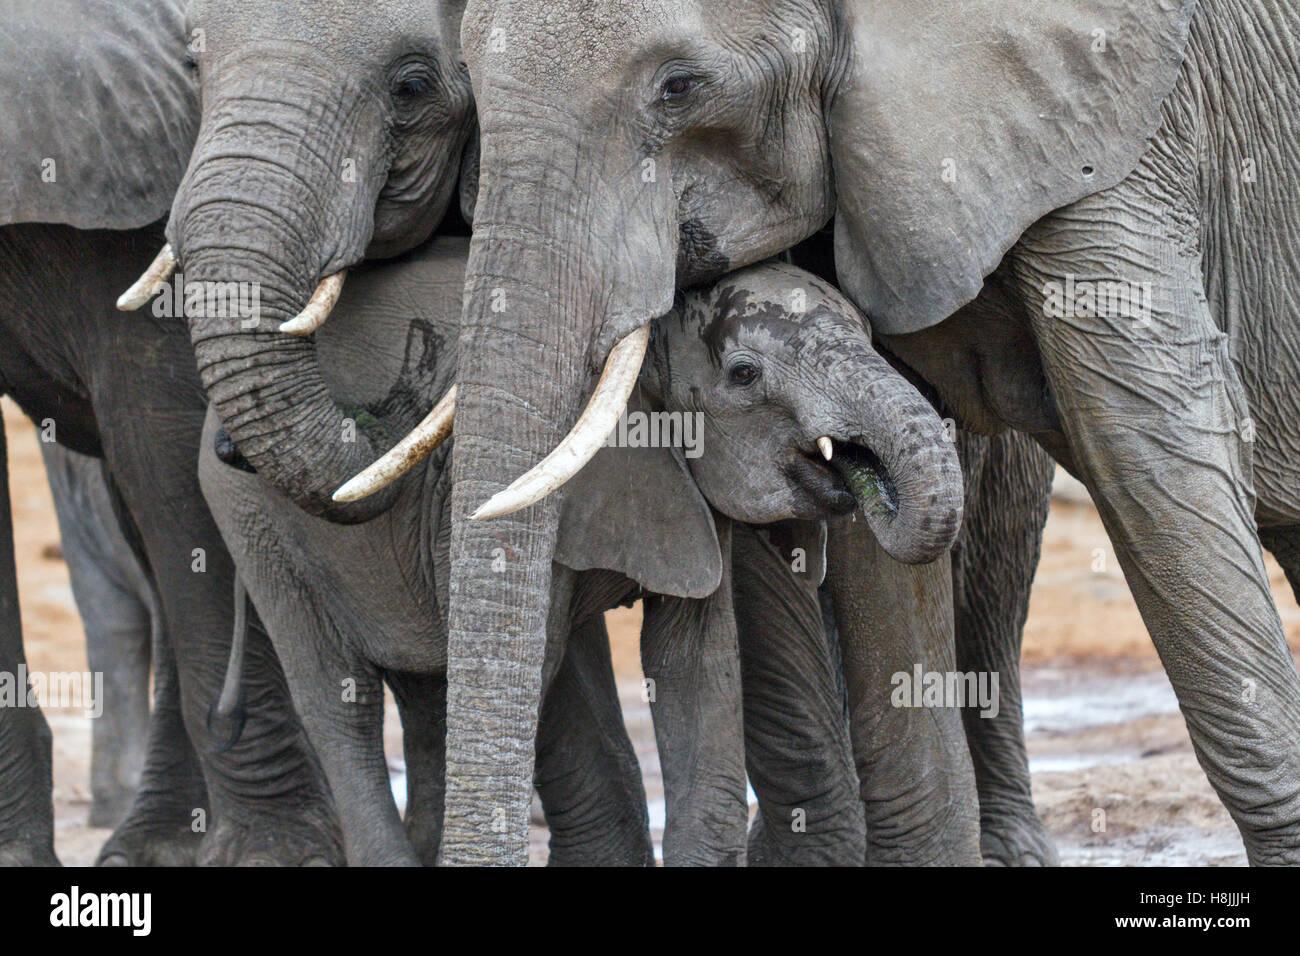 Teil einer Reihe von Bildern dokumentiert die komplexen sozialen Interaktionen des afrikanischen Elefanten, wenn Stockbild